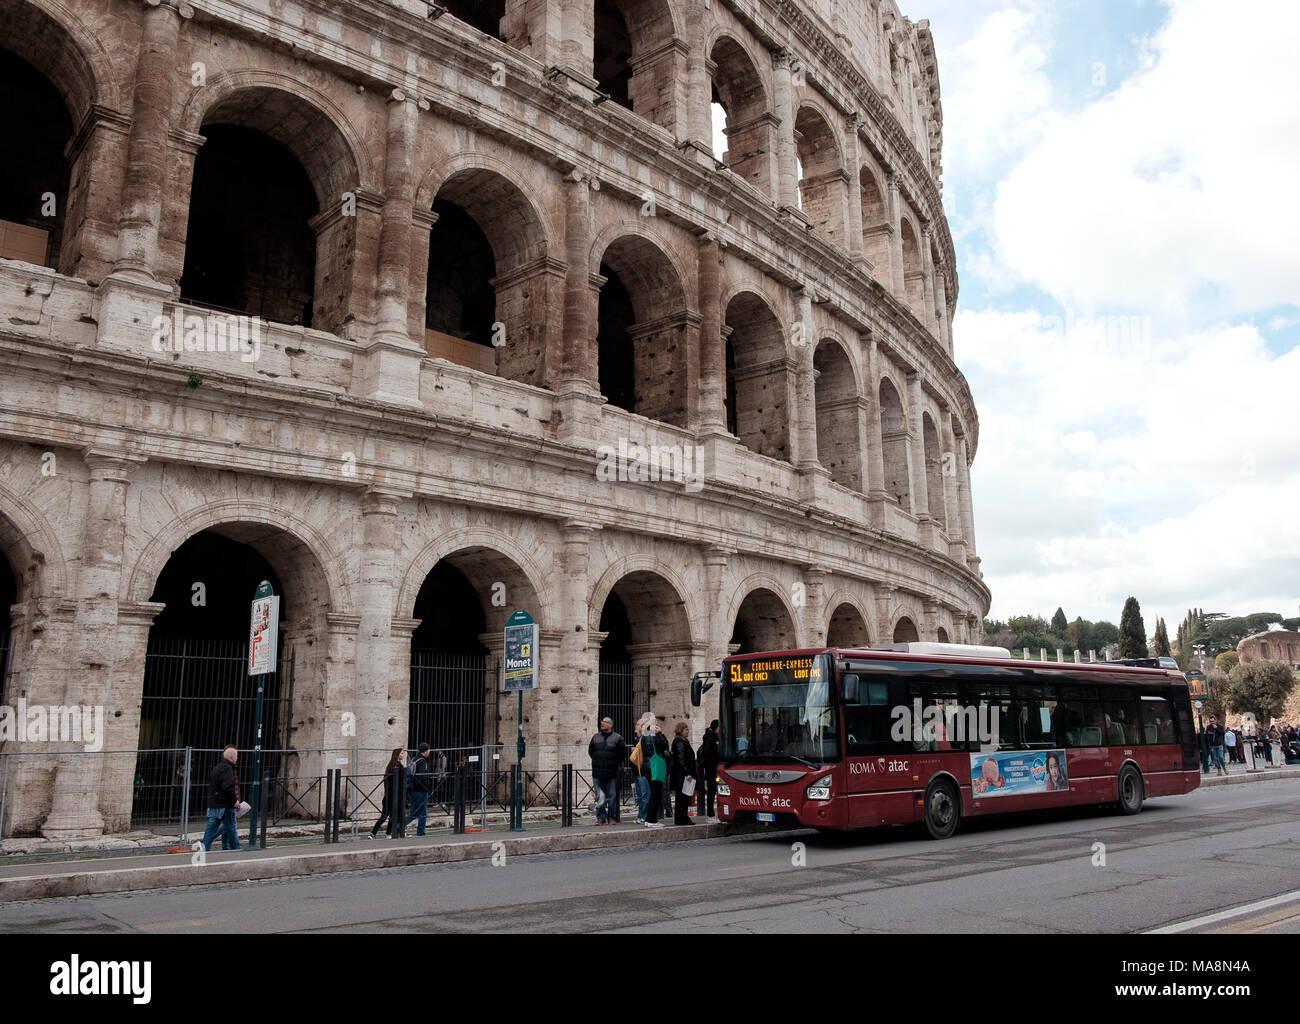 Il 51 servizio autobus locale di Roma l'arresto al di fuori del Colosseo Immagini Stock